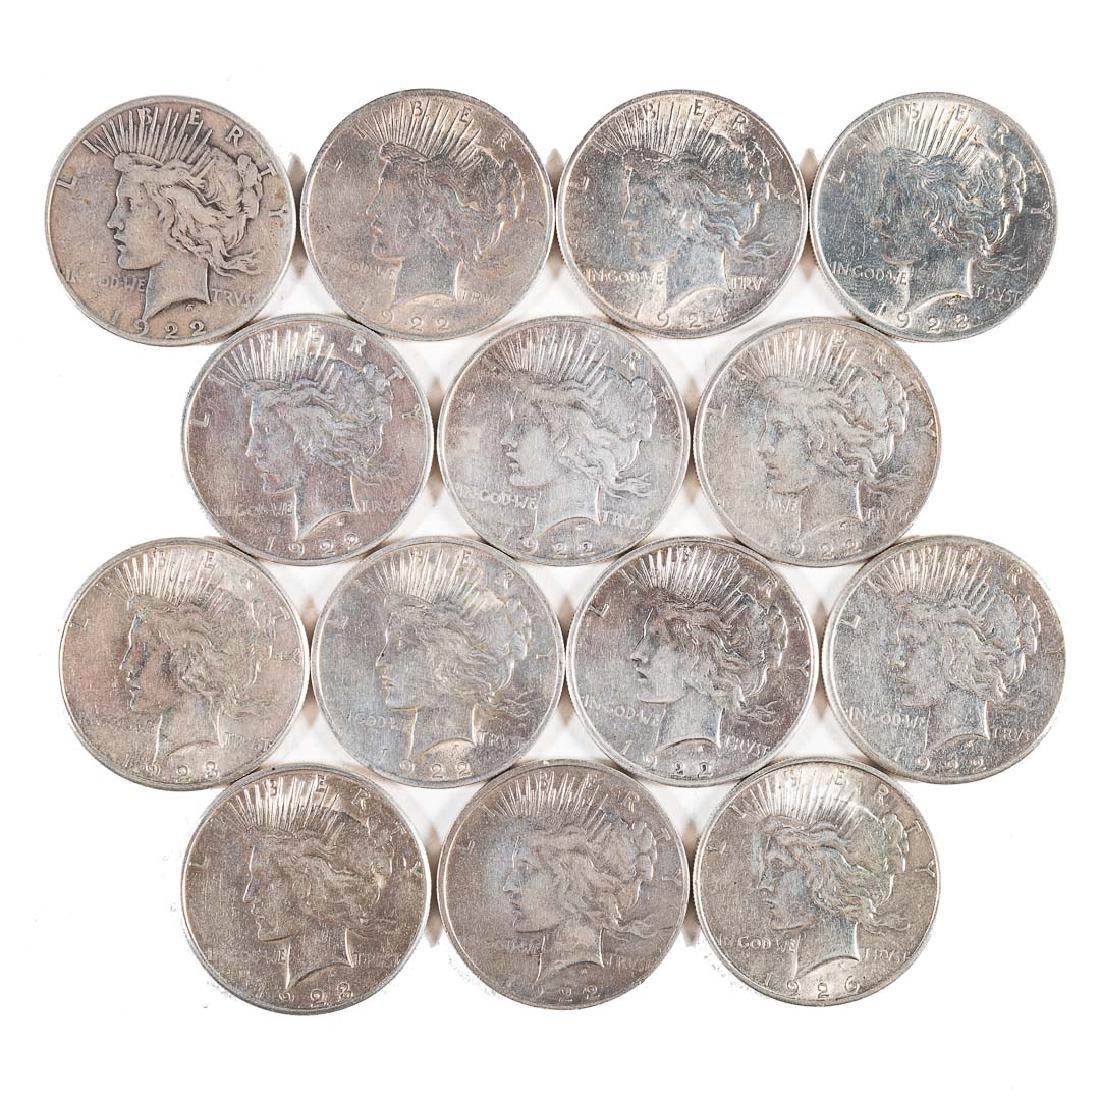 [US] 14 Peace Dollars